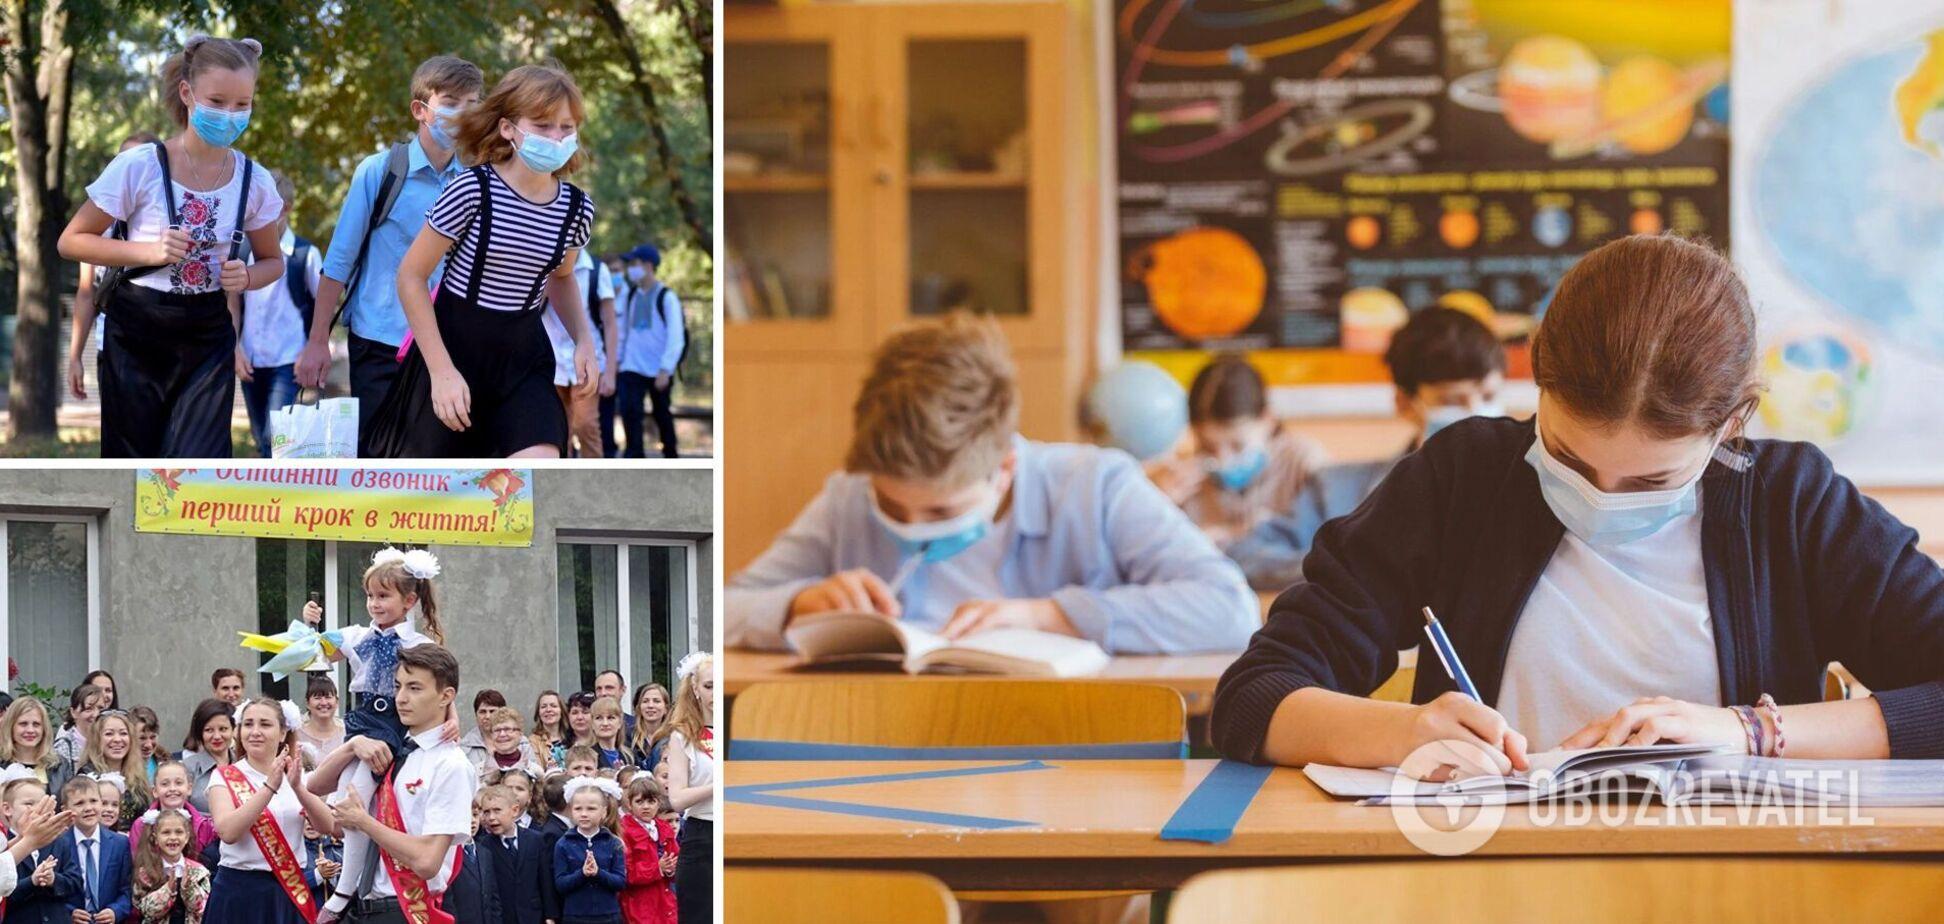 В школах Украины могут продлить учебный год за счет летних каникул: от чего зависит и почему родители против